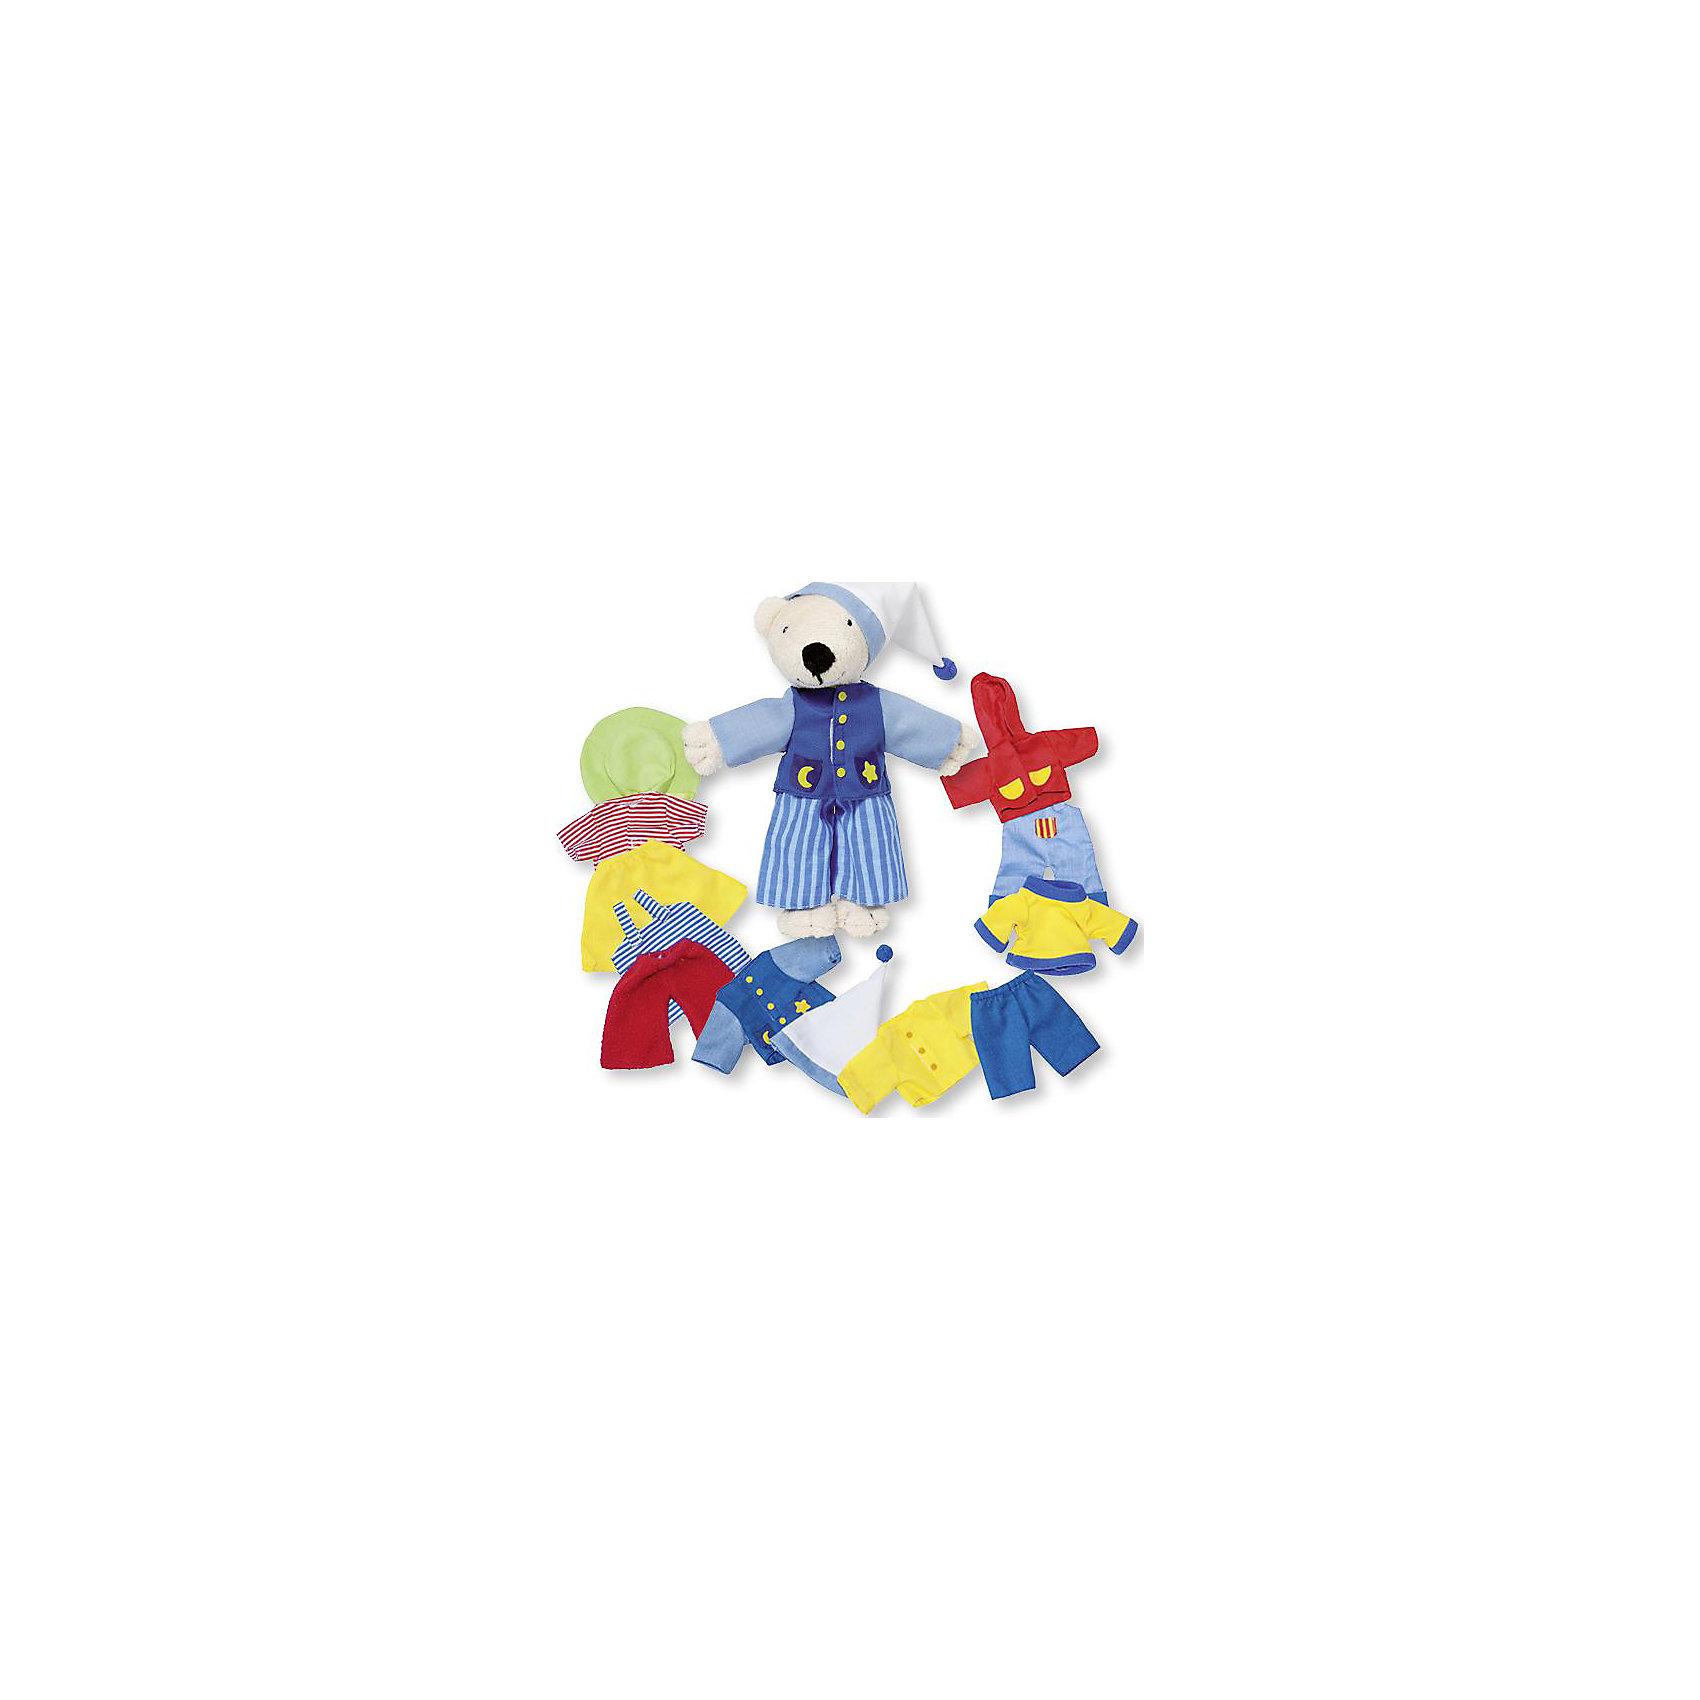 Мягкая кукла Мишка, с комплектом одежды, gokiМягкая кукла Мишка, с комплектом одежды от goki (гоки) - это добрый и мягкий друг, а так же прекрасный помощник в знакомстве с окружающим миром. Мишка всегда одевается по погоде, поэтому в наборе Вы найдете и забавную пижамку и летние прогулочные комплекты и утепленную одежду. У Мишки много друзей, поэтому ему необходима одежда для праздников. Переодевая медвежонка в ту одежду, которая соответствует игровой ситуации, дети будут учиться подбирать предметы гардероба в зависимости от времени года, научатся различать одежду повседневную, домашнюю, праздничную. Игры с переодеваниями и работа с различными фактурами помогает детям развивать мелкую и общую моторику, повышать возможности тактильного восприятия. Играя с Мишкой в сюжетно-ролевые игры ребята оттачивают речевые и коммуникативные навыки. Хранить Мишку и его гардероб очень легко, ведь он упакован в прочную и красивую картонную коробку.<br><br>Дополнительная информация:<br><br>- Мишка изготовлен из безопасных материалов высокого качества: плюша, текстиля, натурального хлопка;<br>- 7 комплектов одежды;<br>- Способствует развитию моторики и коммуникативных навыков;<br>- Все предметы гардероба прекрасно выполнены;<br>- Идеально подходит для мальчиков и девочек;<br>- Удобная упаковка;<br>- Прекрасный подарок;<br>- Размер: 18 см;<br>- Вес: 250 г<br><br>Мягкую куклу Мишка, с комплектом одежды goki (гоки) можно купить в нашем интернет-магазине.<br><br>Ширина мм: 180<br>Глубина мм: 180<br>Высота мм: 180<br>Вес г: 250<br>Возраст от месяцев: 36<br>Возраст до месяцев: 72<br>Пол: Женский<br>Возраст: Детский<br>SKU: 3777808